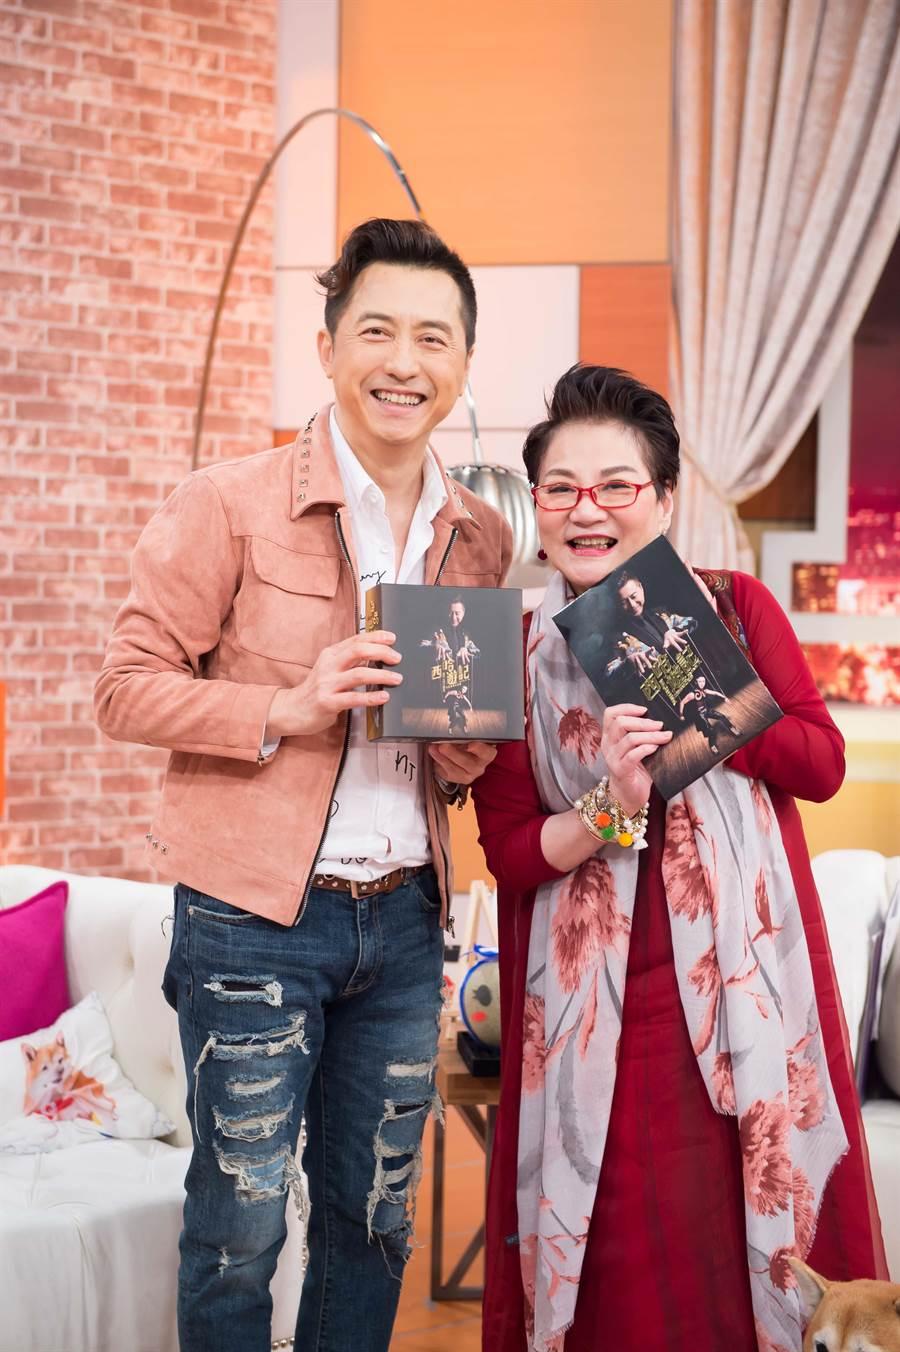 庾澄慶最近發片勤跑宣傳。(圖片提供:TVBS)